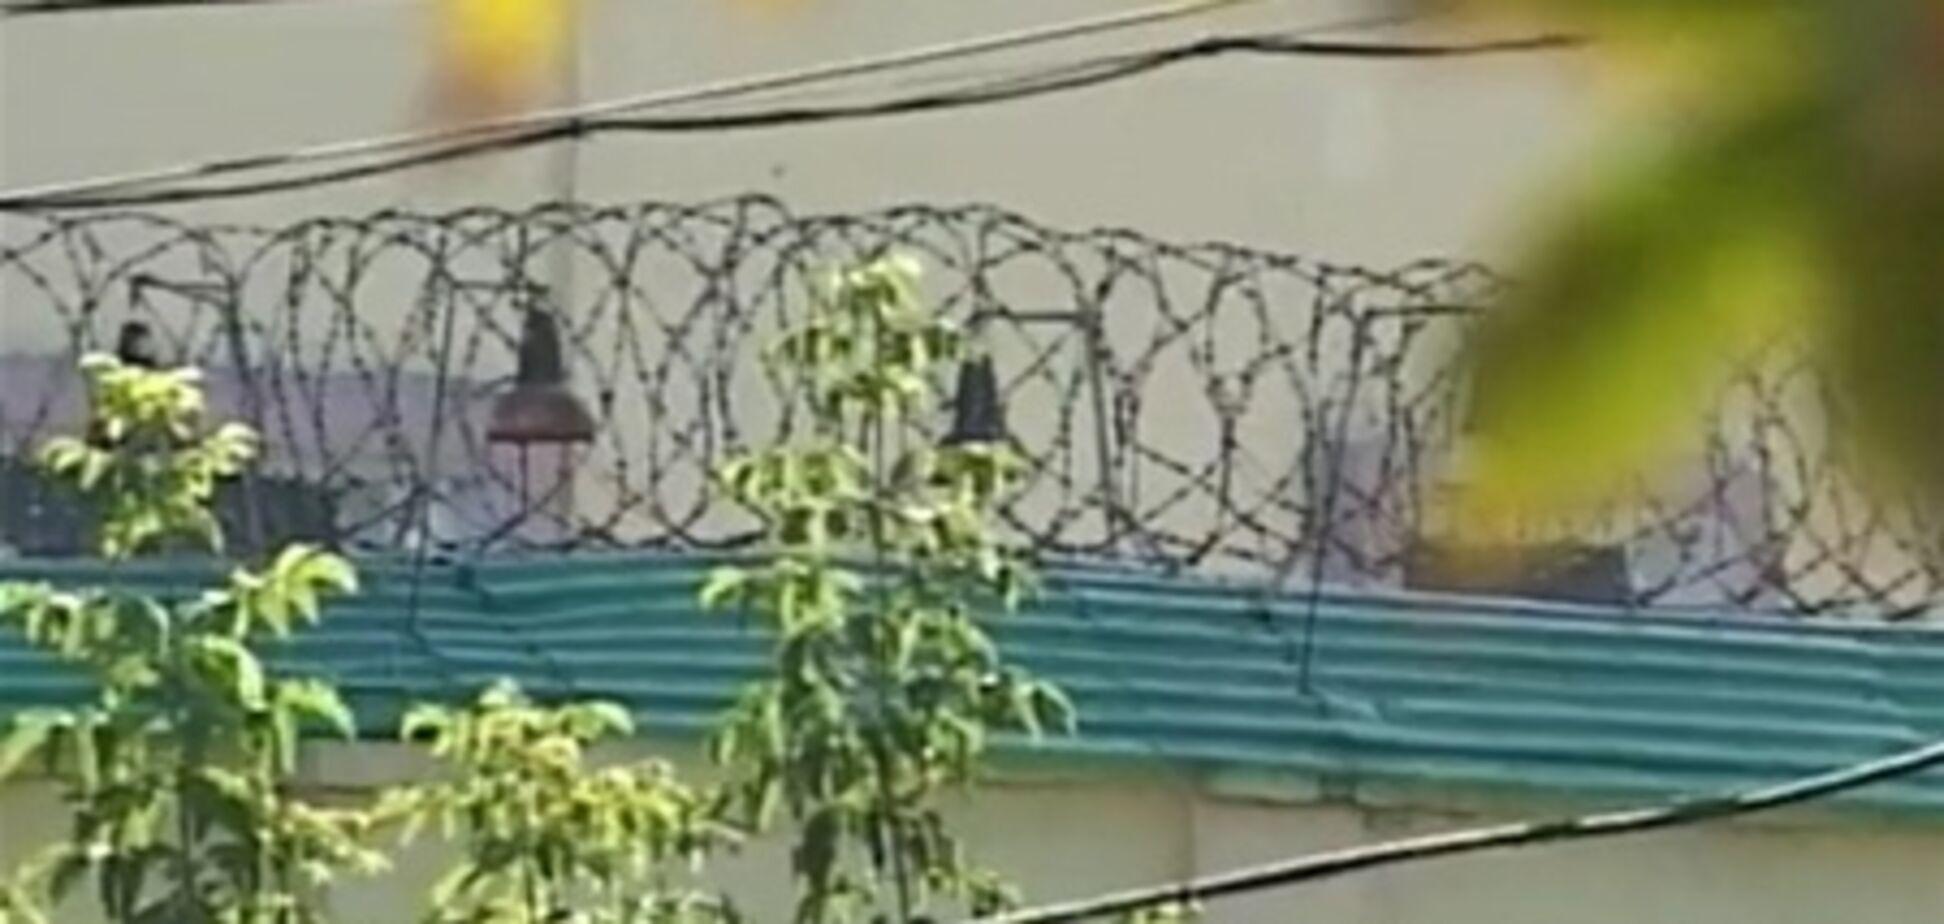 Ув'язнені готували втечу з Харківського СІЗО через лаз довжиною 4 м